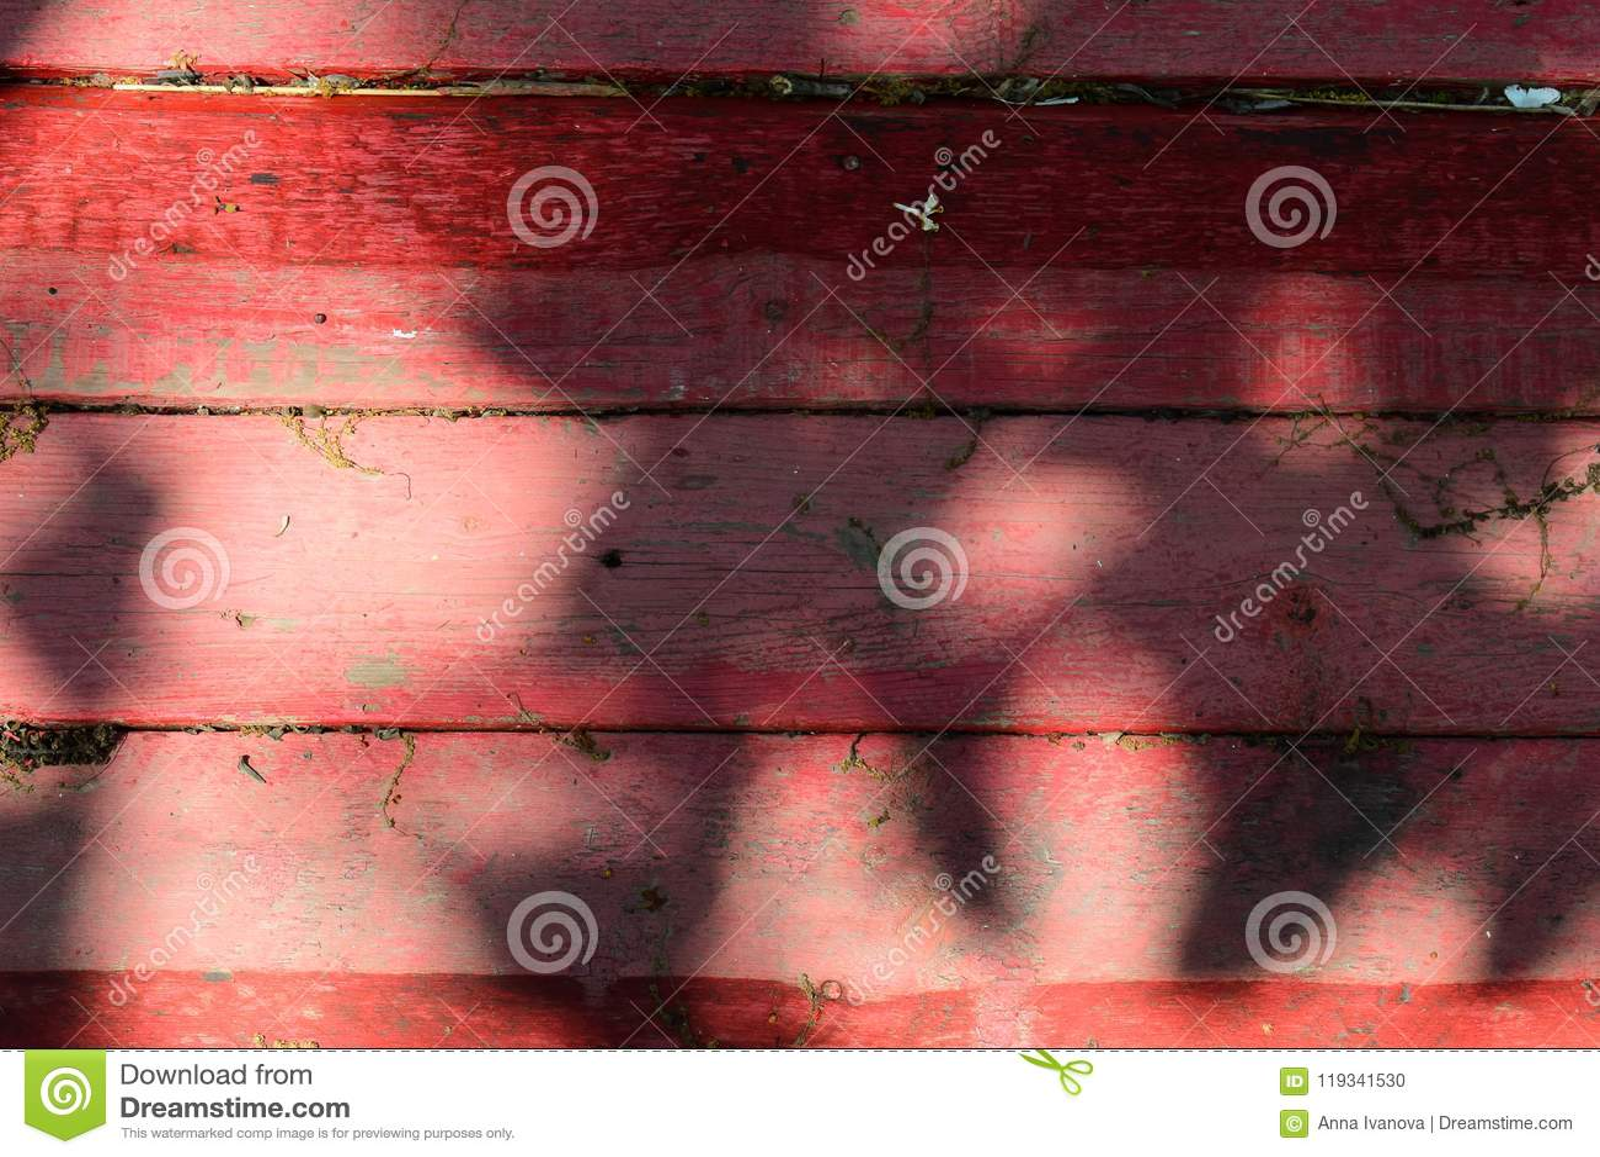 Παλαιό ξύλινο υπόβαθρο φιαγμένο από οριζόντιους πίνακες, που χρωματίζονται στο κόκκινο χρώμα, με τις σκιές και το φως του ήλιου